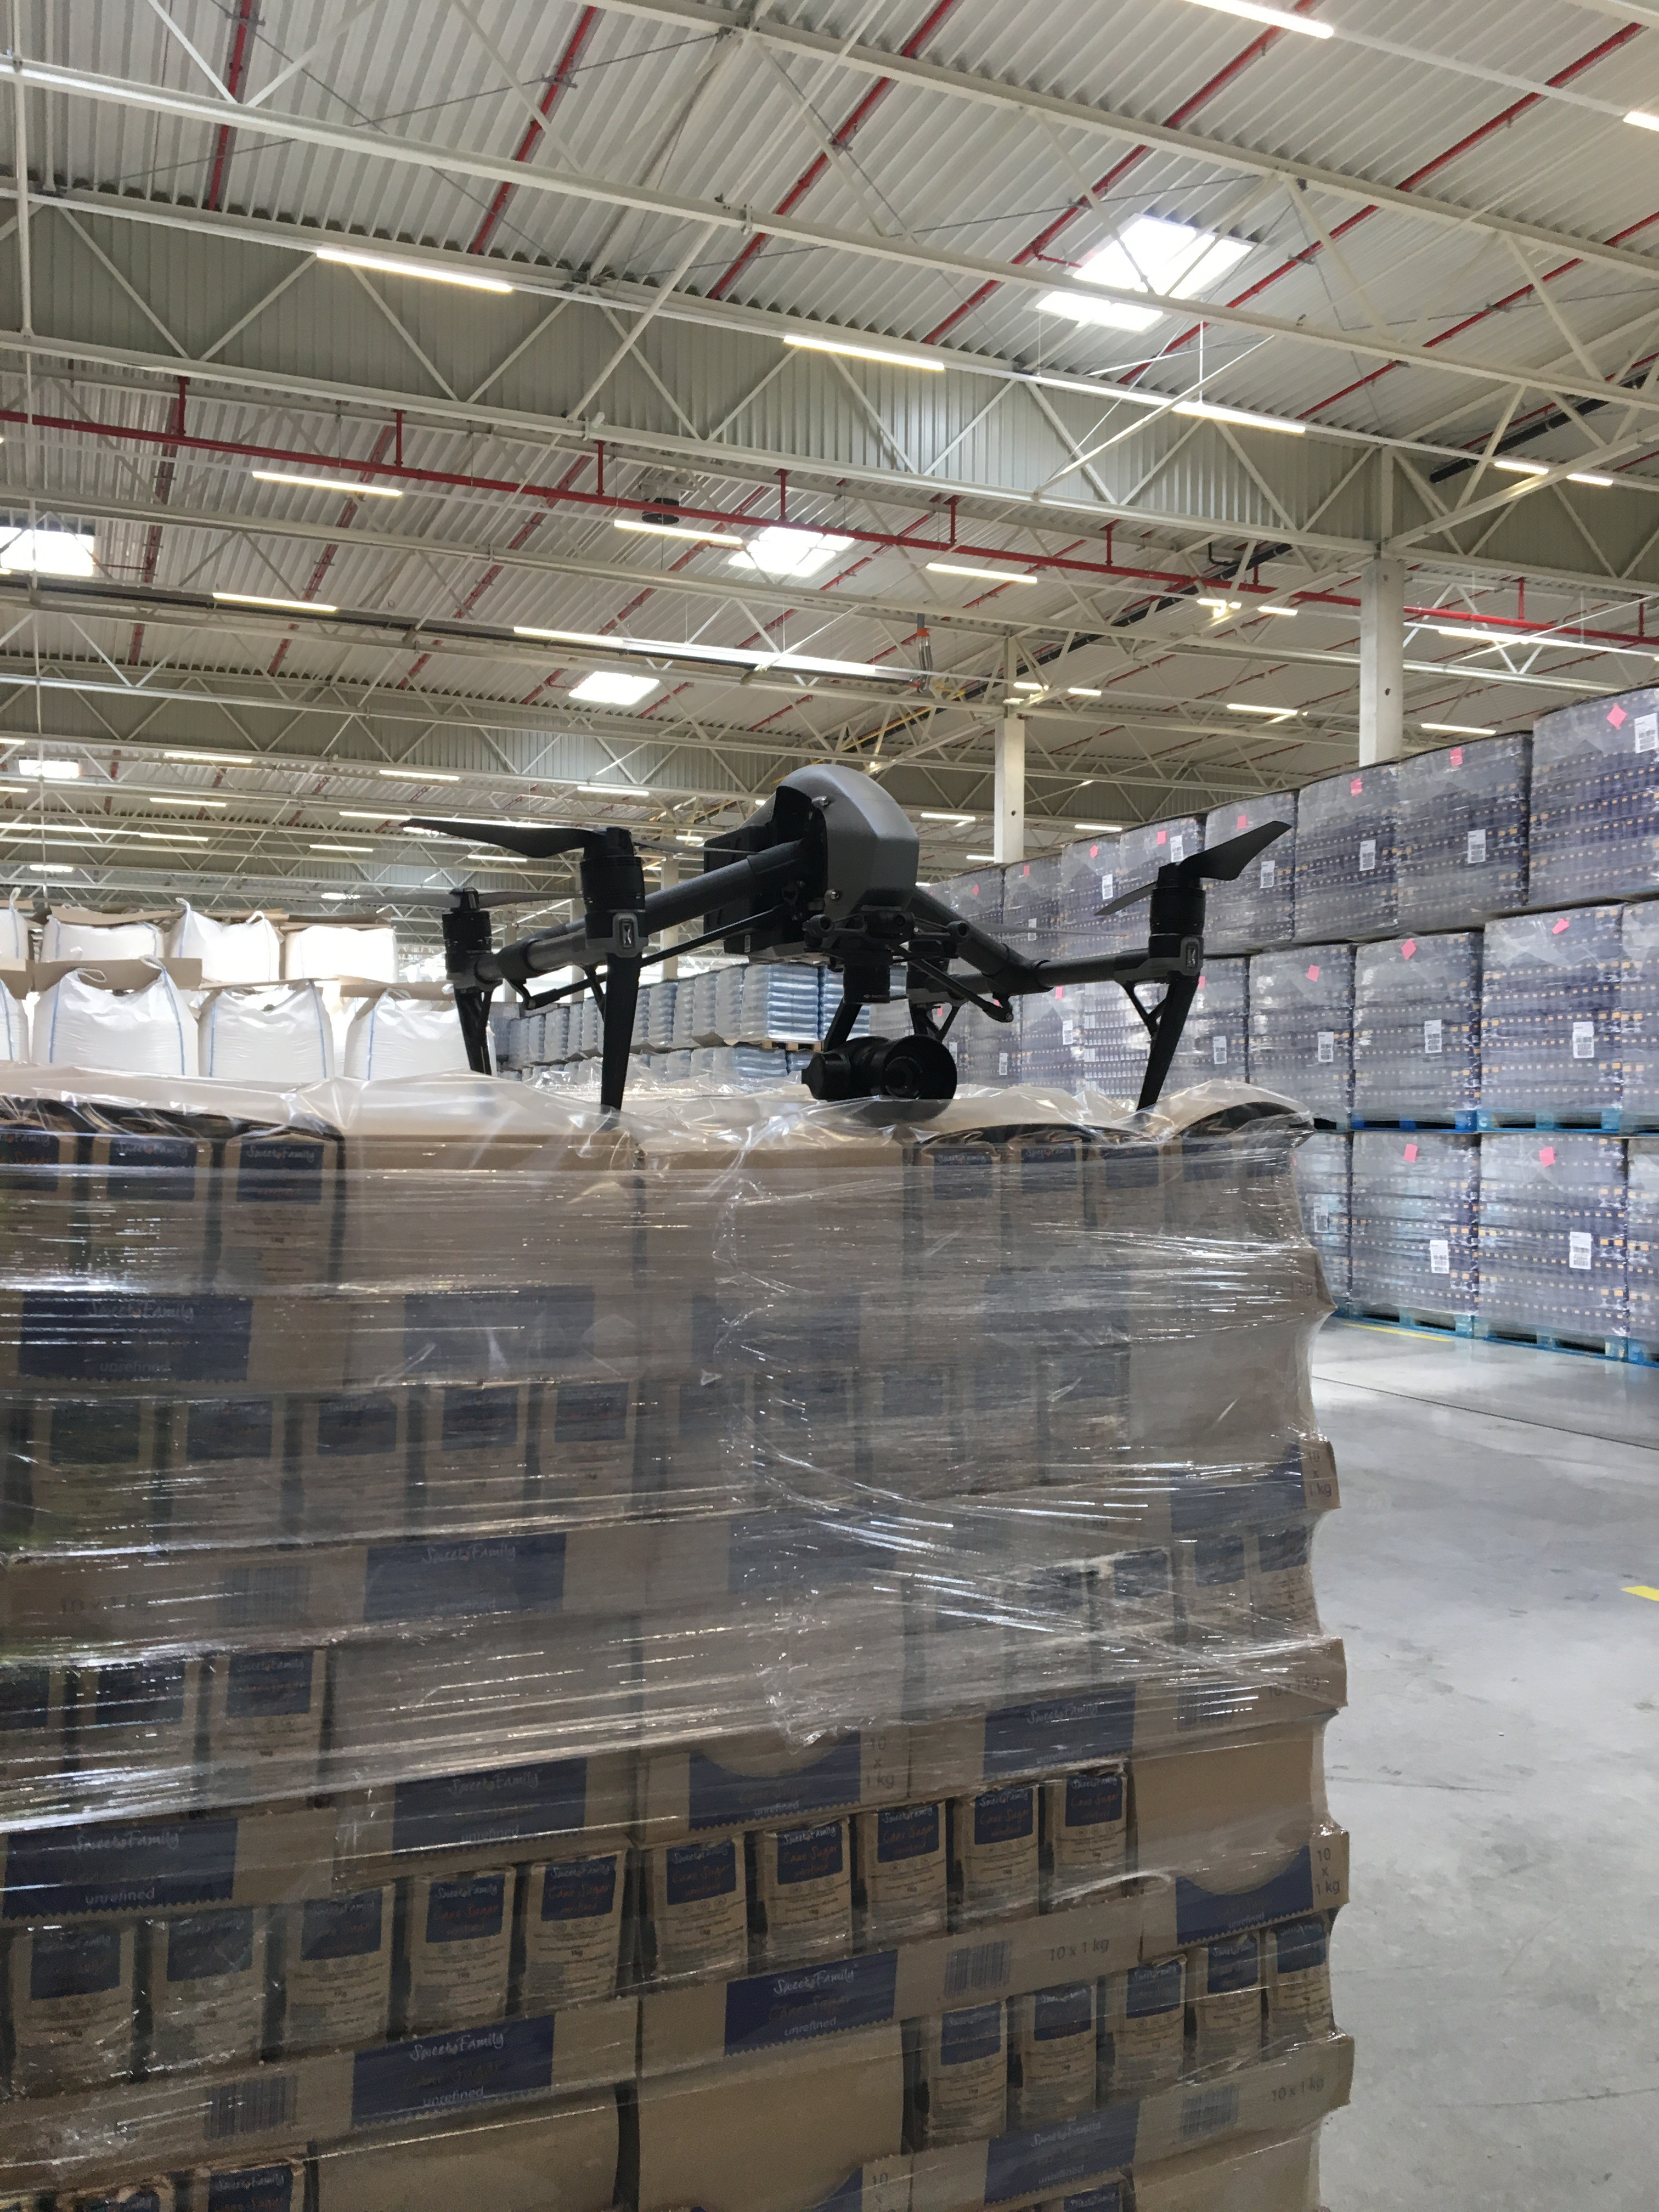 Drony – krásny kus techniky aj priemysel budúcnosti